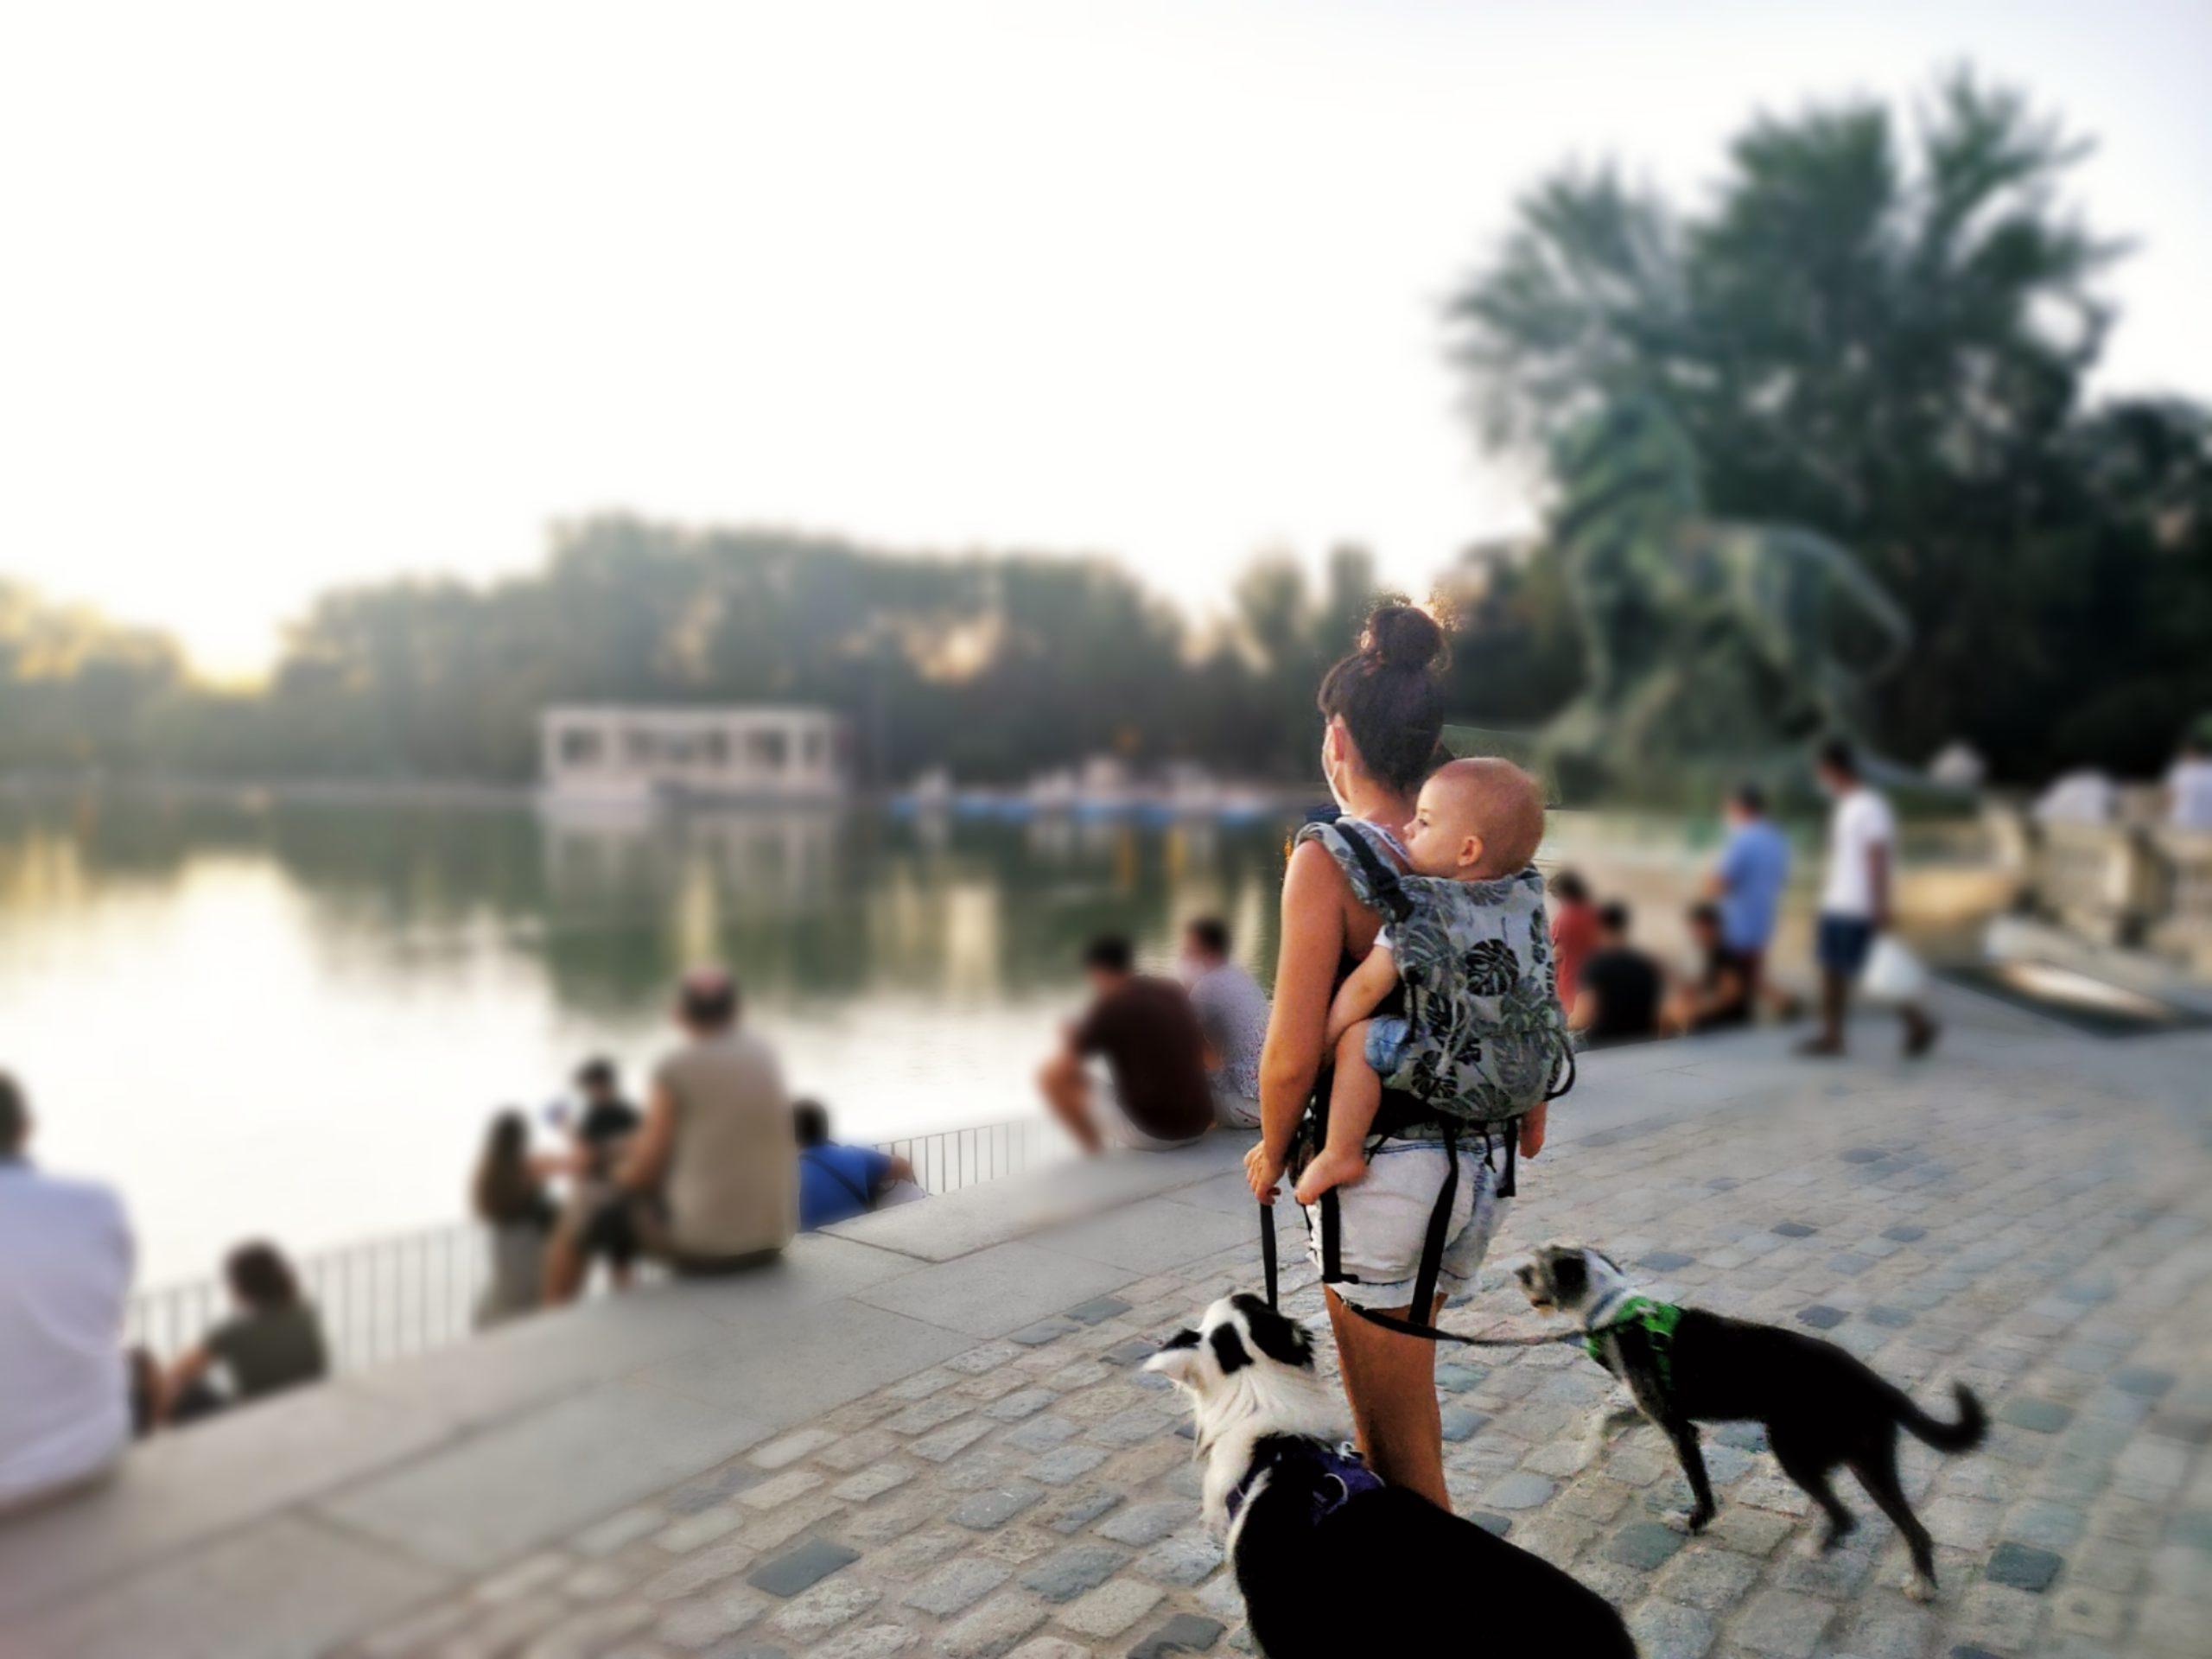 paseando con perros y porteando bebé creciendo entre perros crianza multiespecie